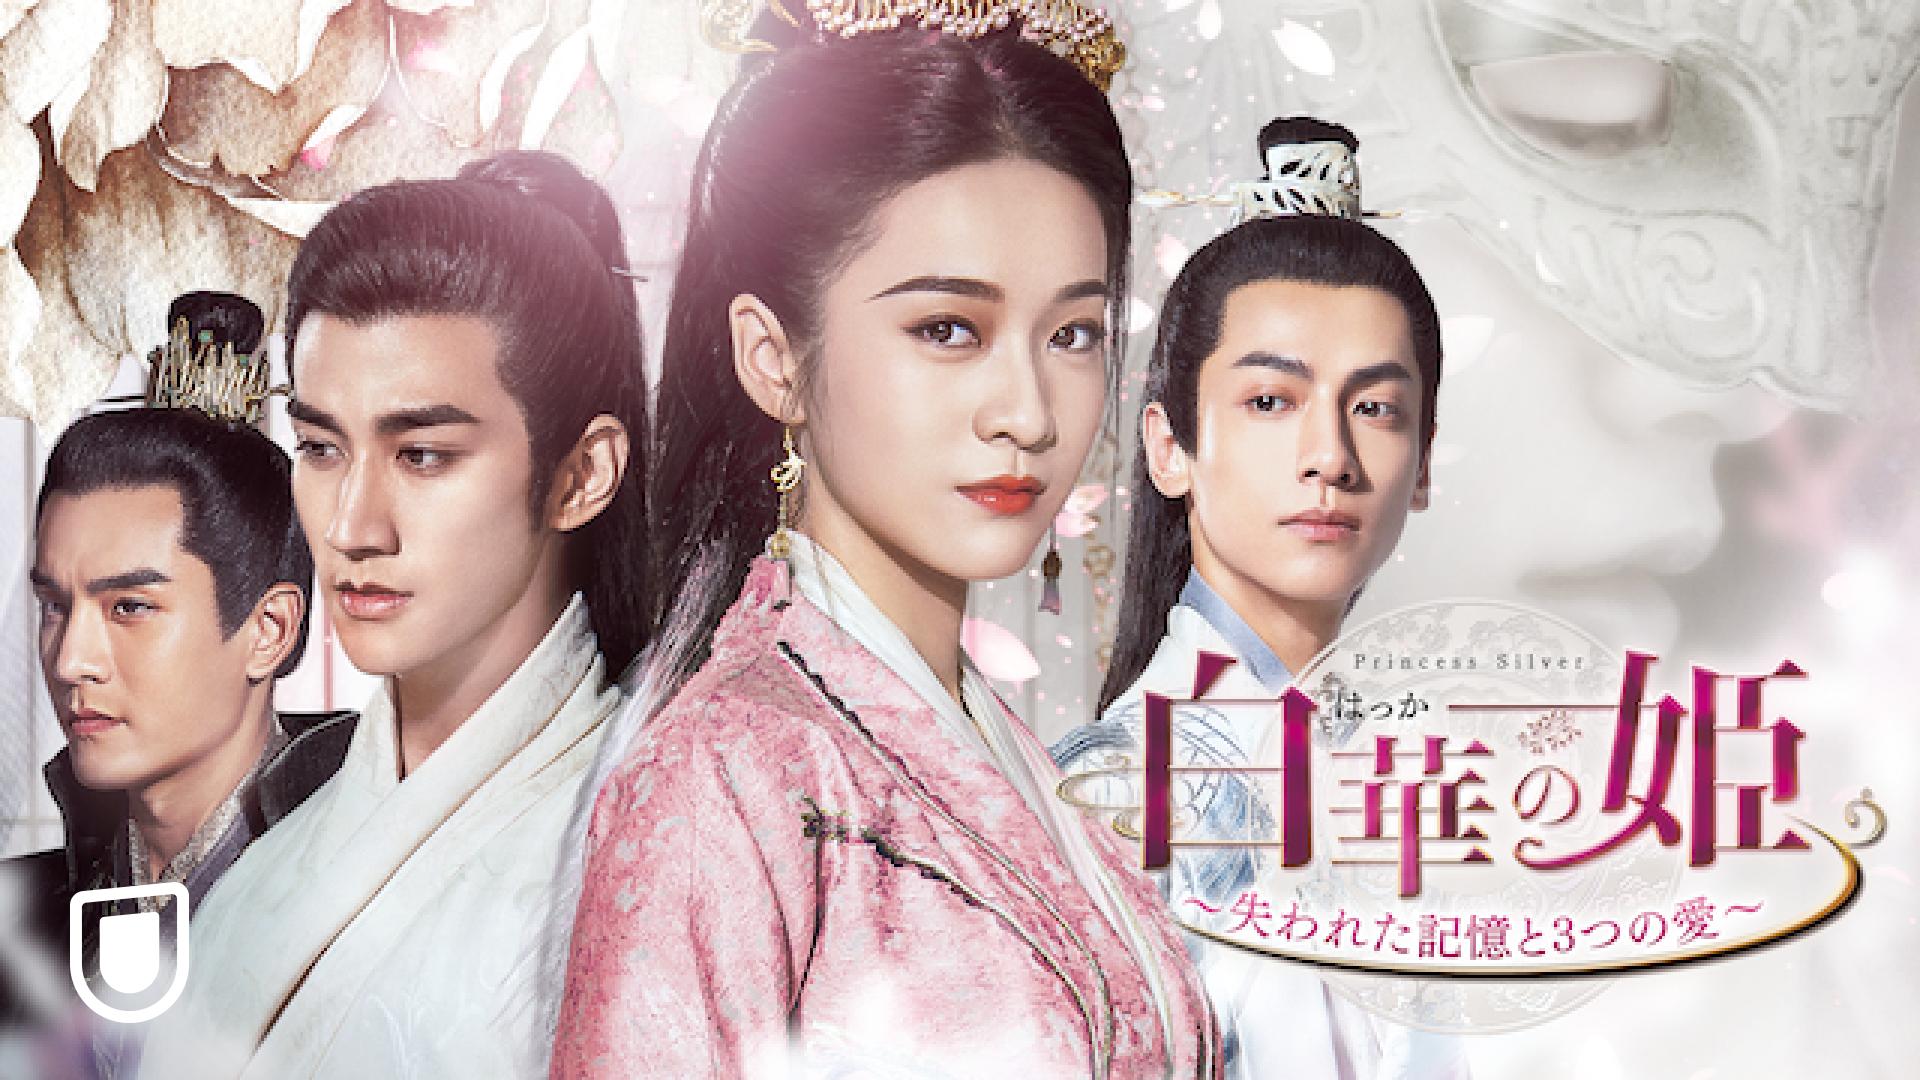 中国ドラマ『白華の姫』動画の無料視聴方法!日本語字幕を1話から最終回まで!あらすじと見どころ